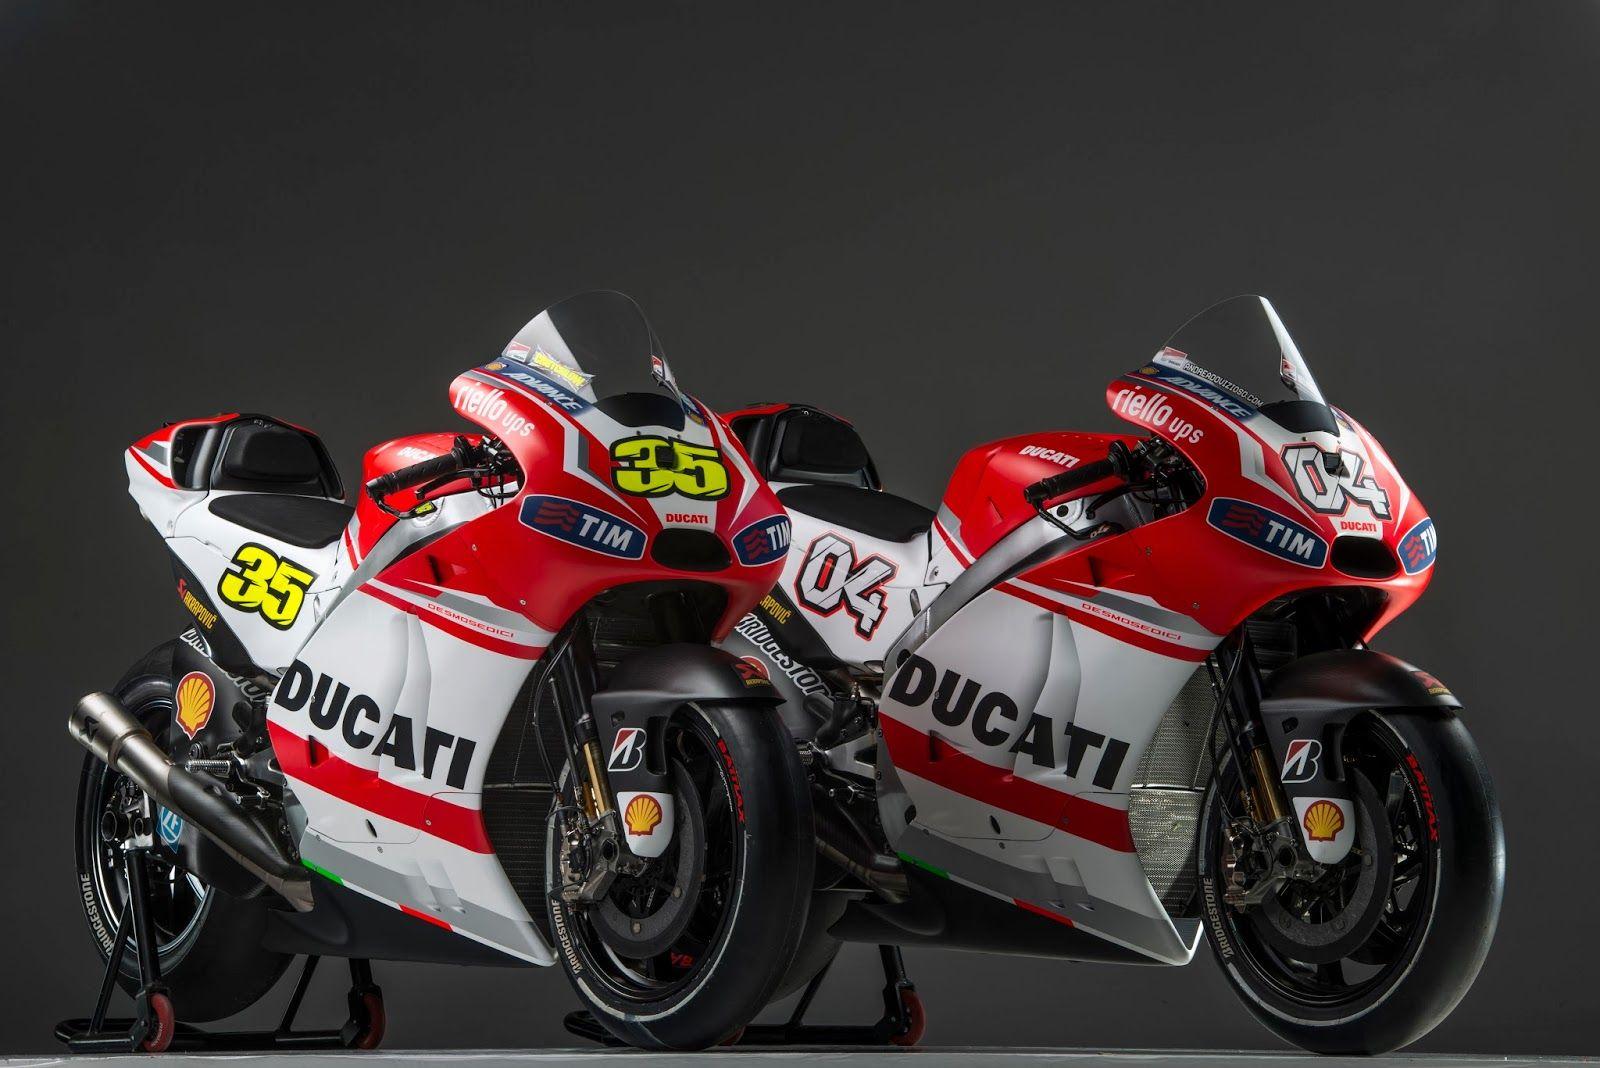 Racing Cafè: Ducati Desmosedici GP14 Ducati Team 2014